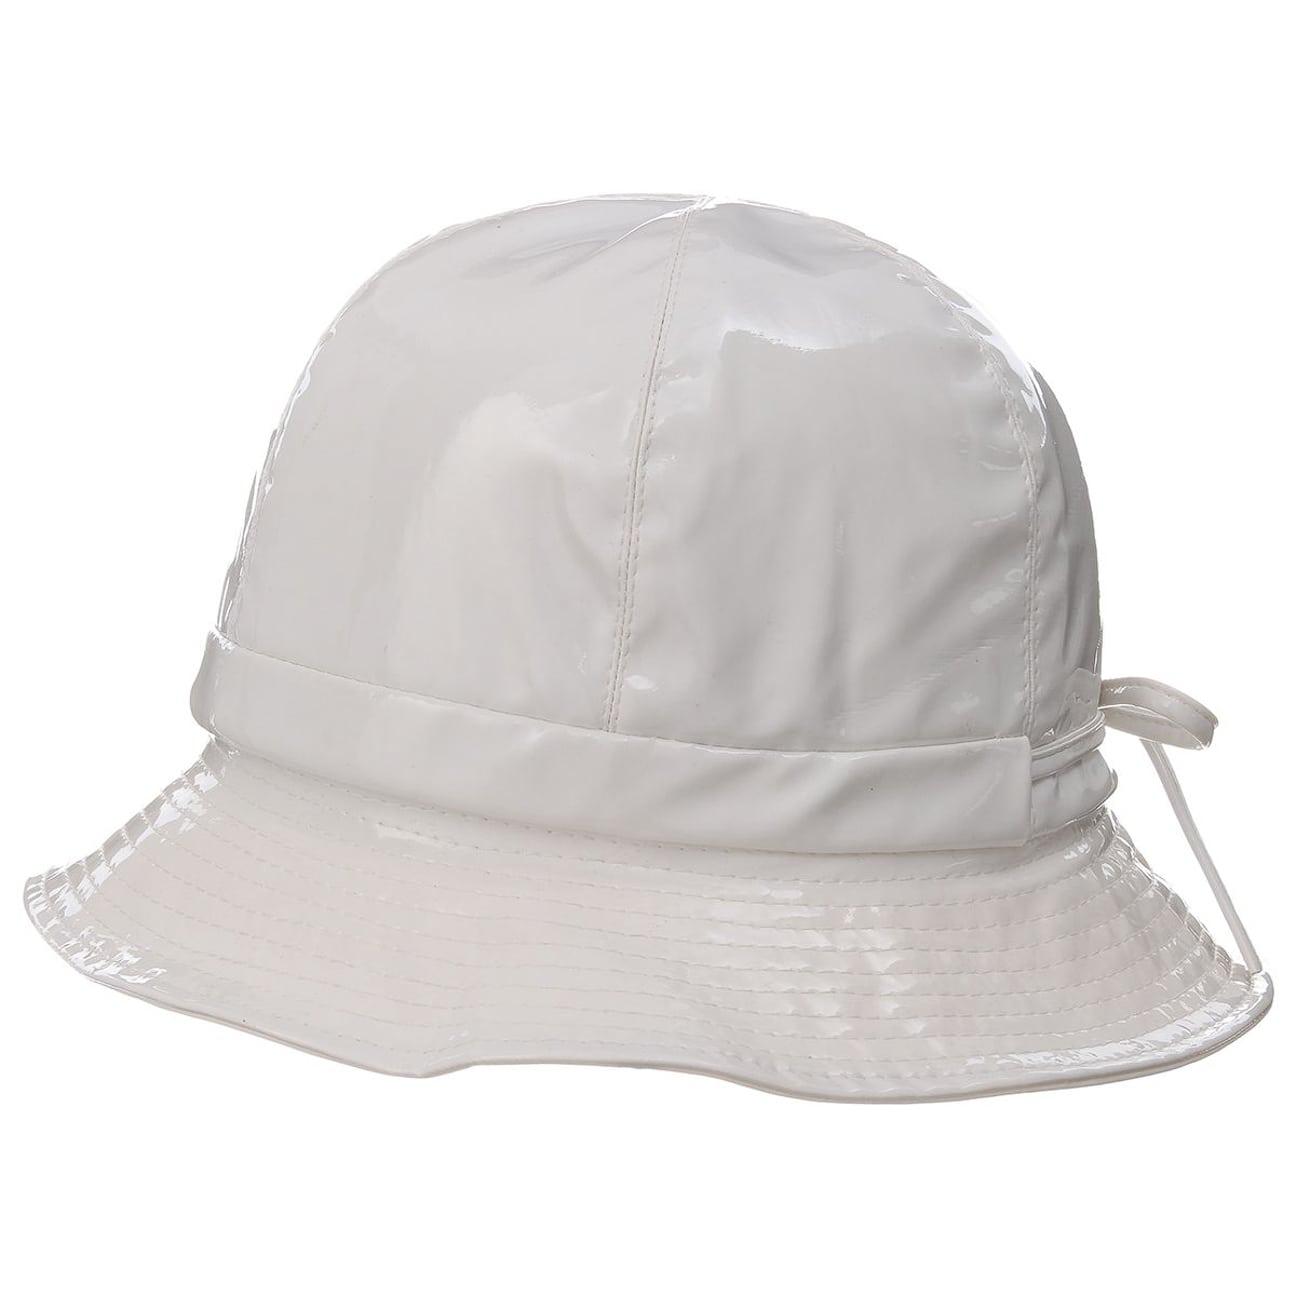 Sombrero para Lluvia by McBURN - Sombreros - sombreroshop.es 9a5b108caa3